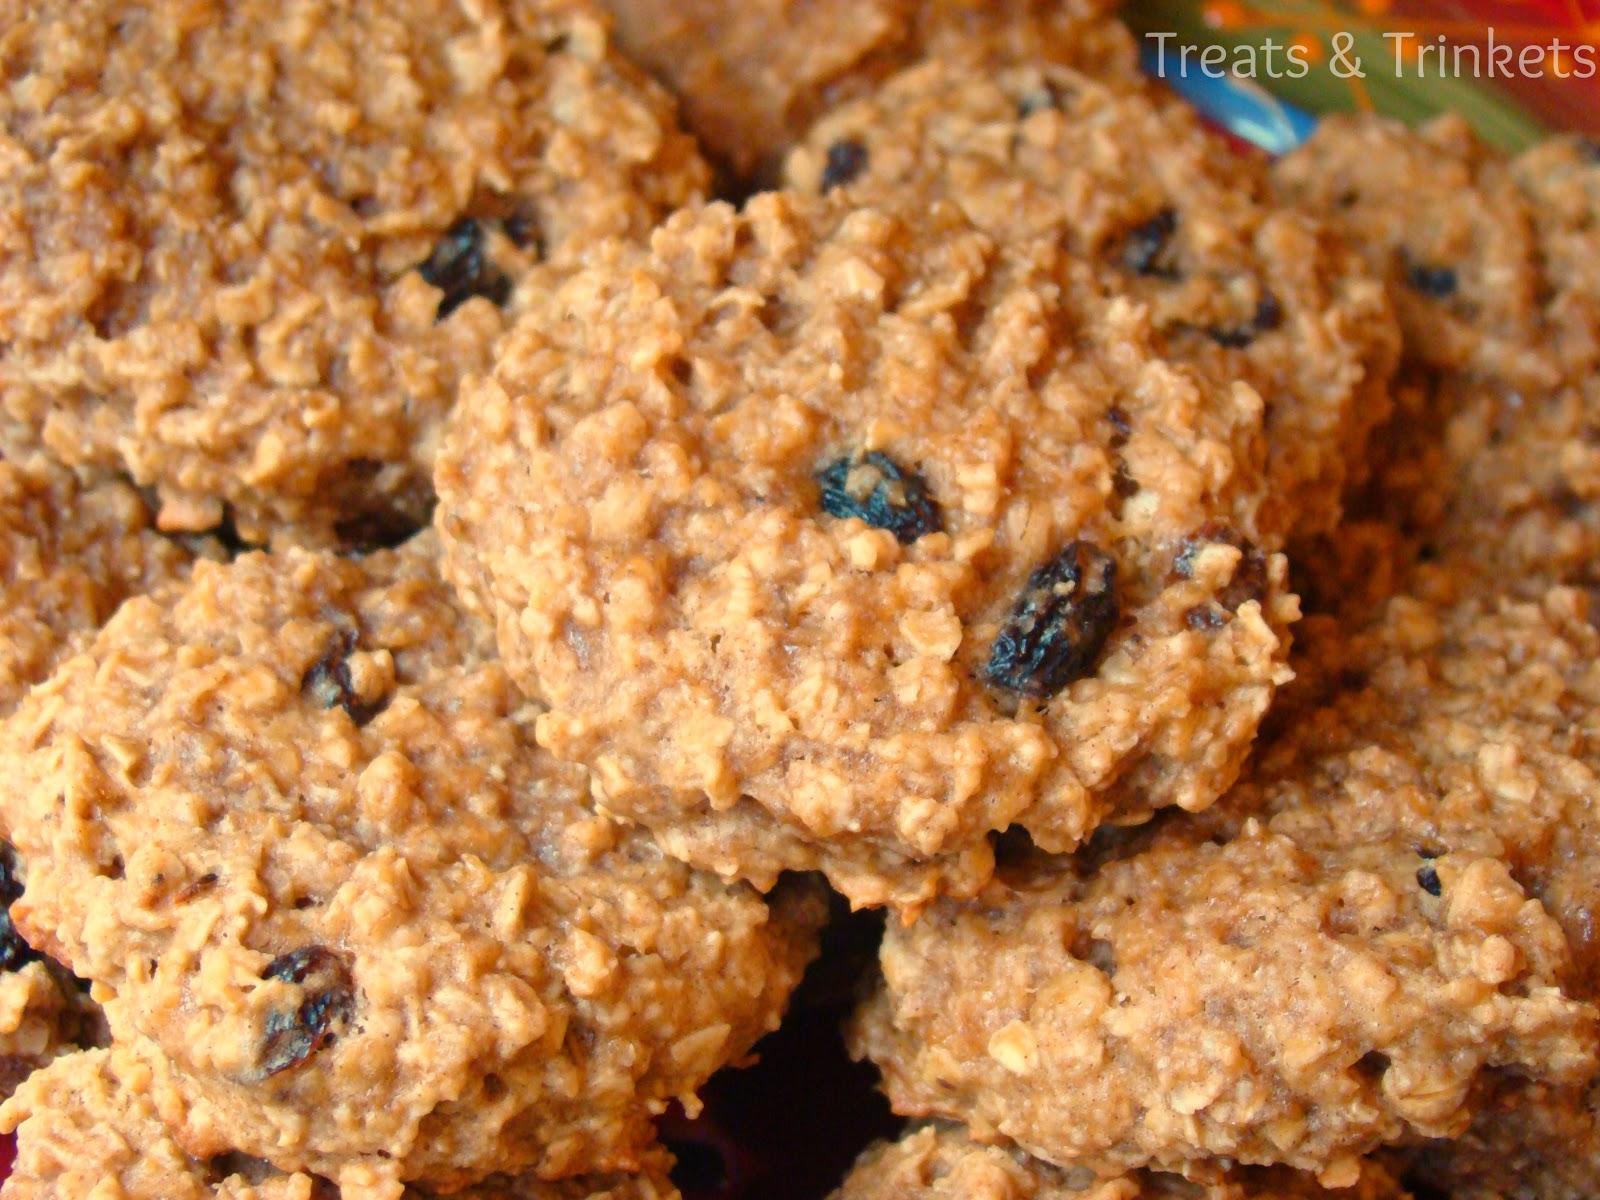 Treats & Trinkets: Peanut Butter Oatmeal Breakfast Cookies